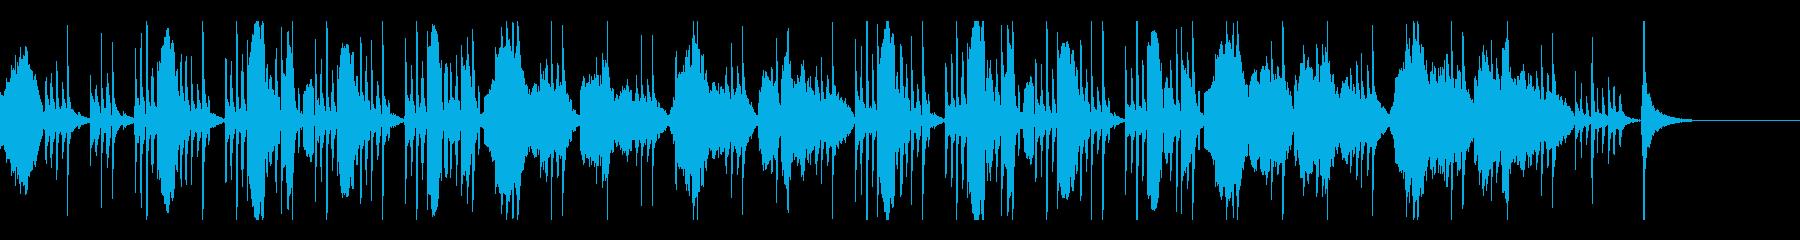 フルート、ファゴットのミステリアスな曲の再生済みの波形